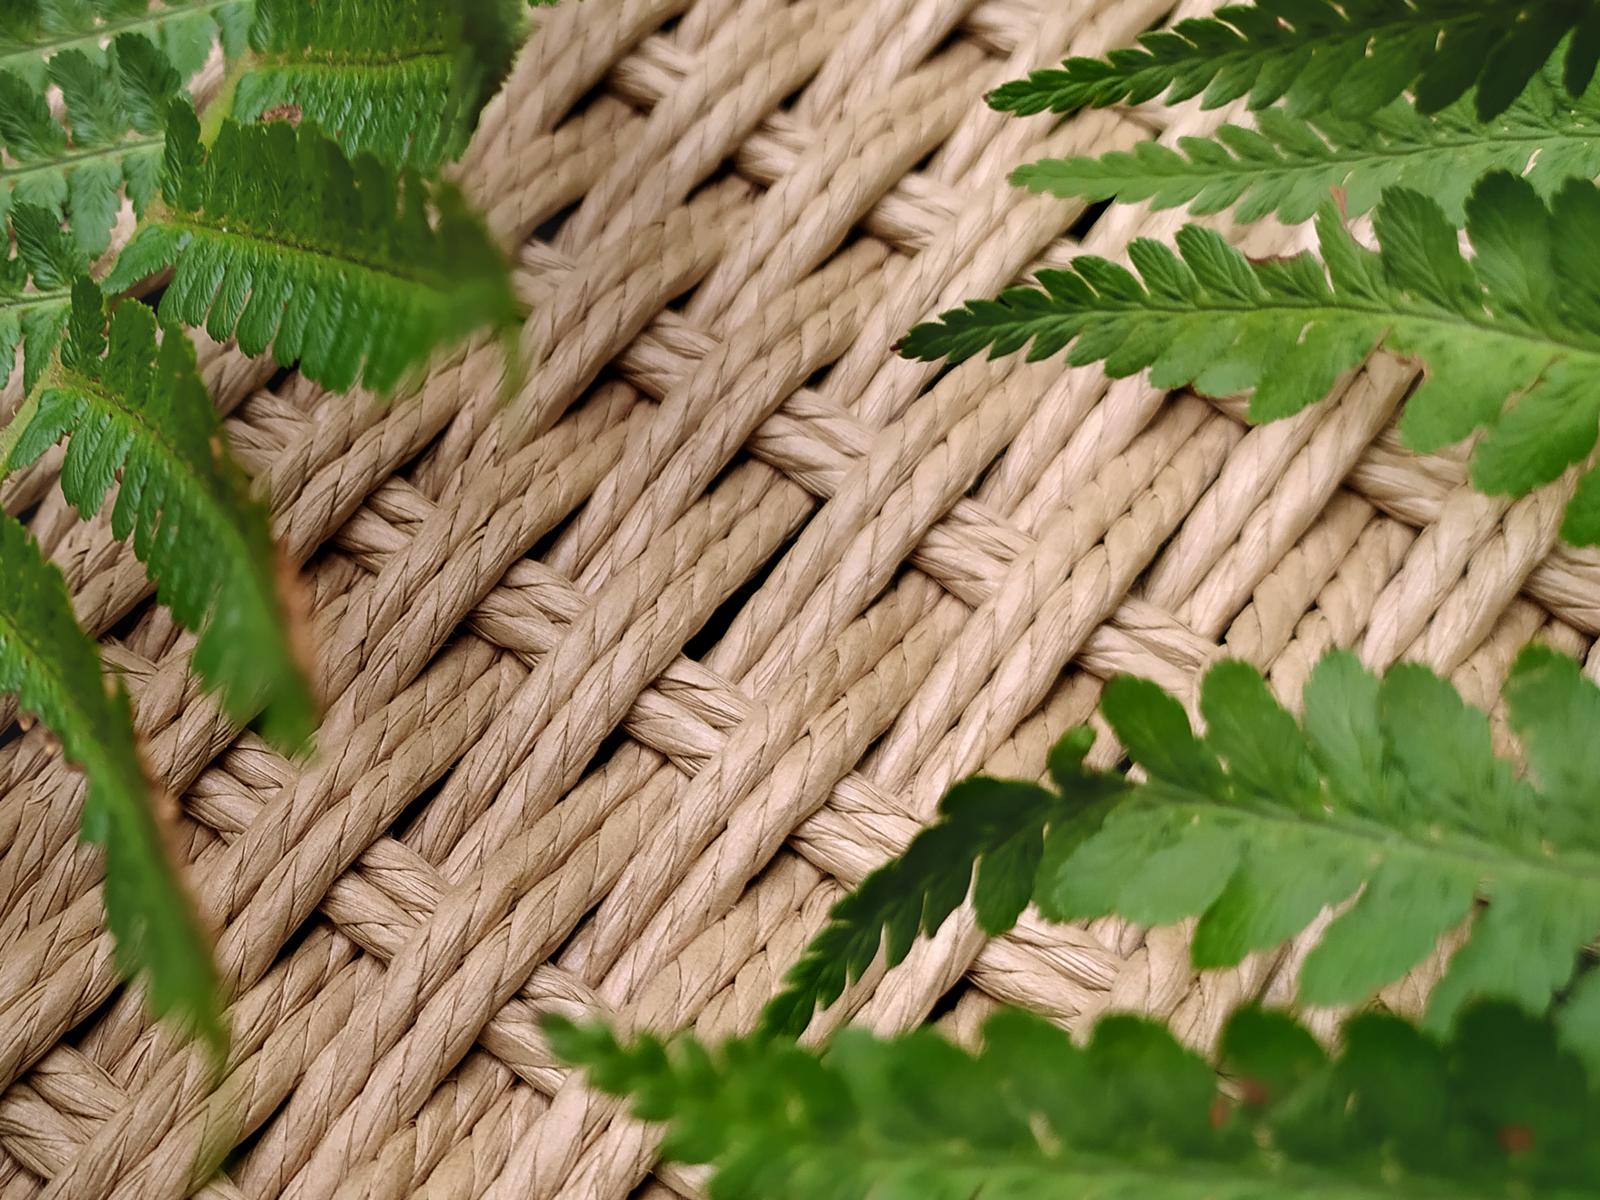 Webmuster der Papierkordel. Natürliches Material und traditionelles Handwerk